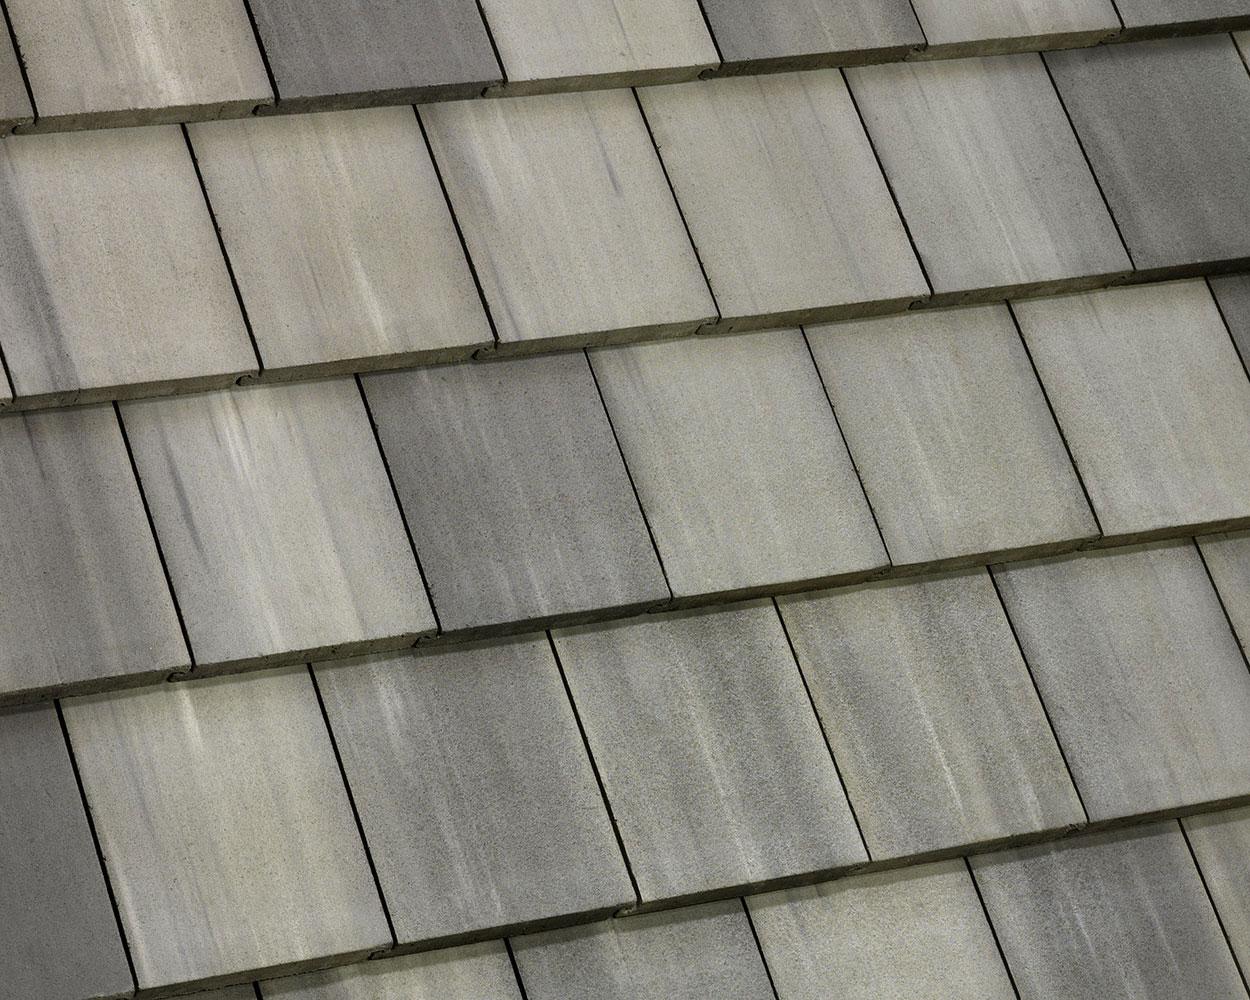 Mount dora blend tile roof color swatch